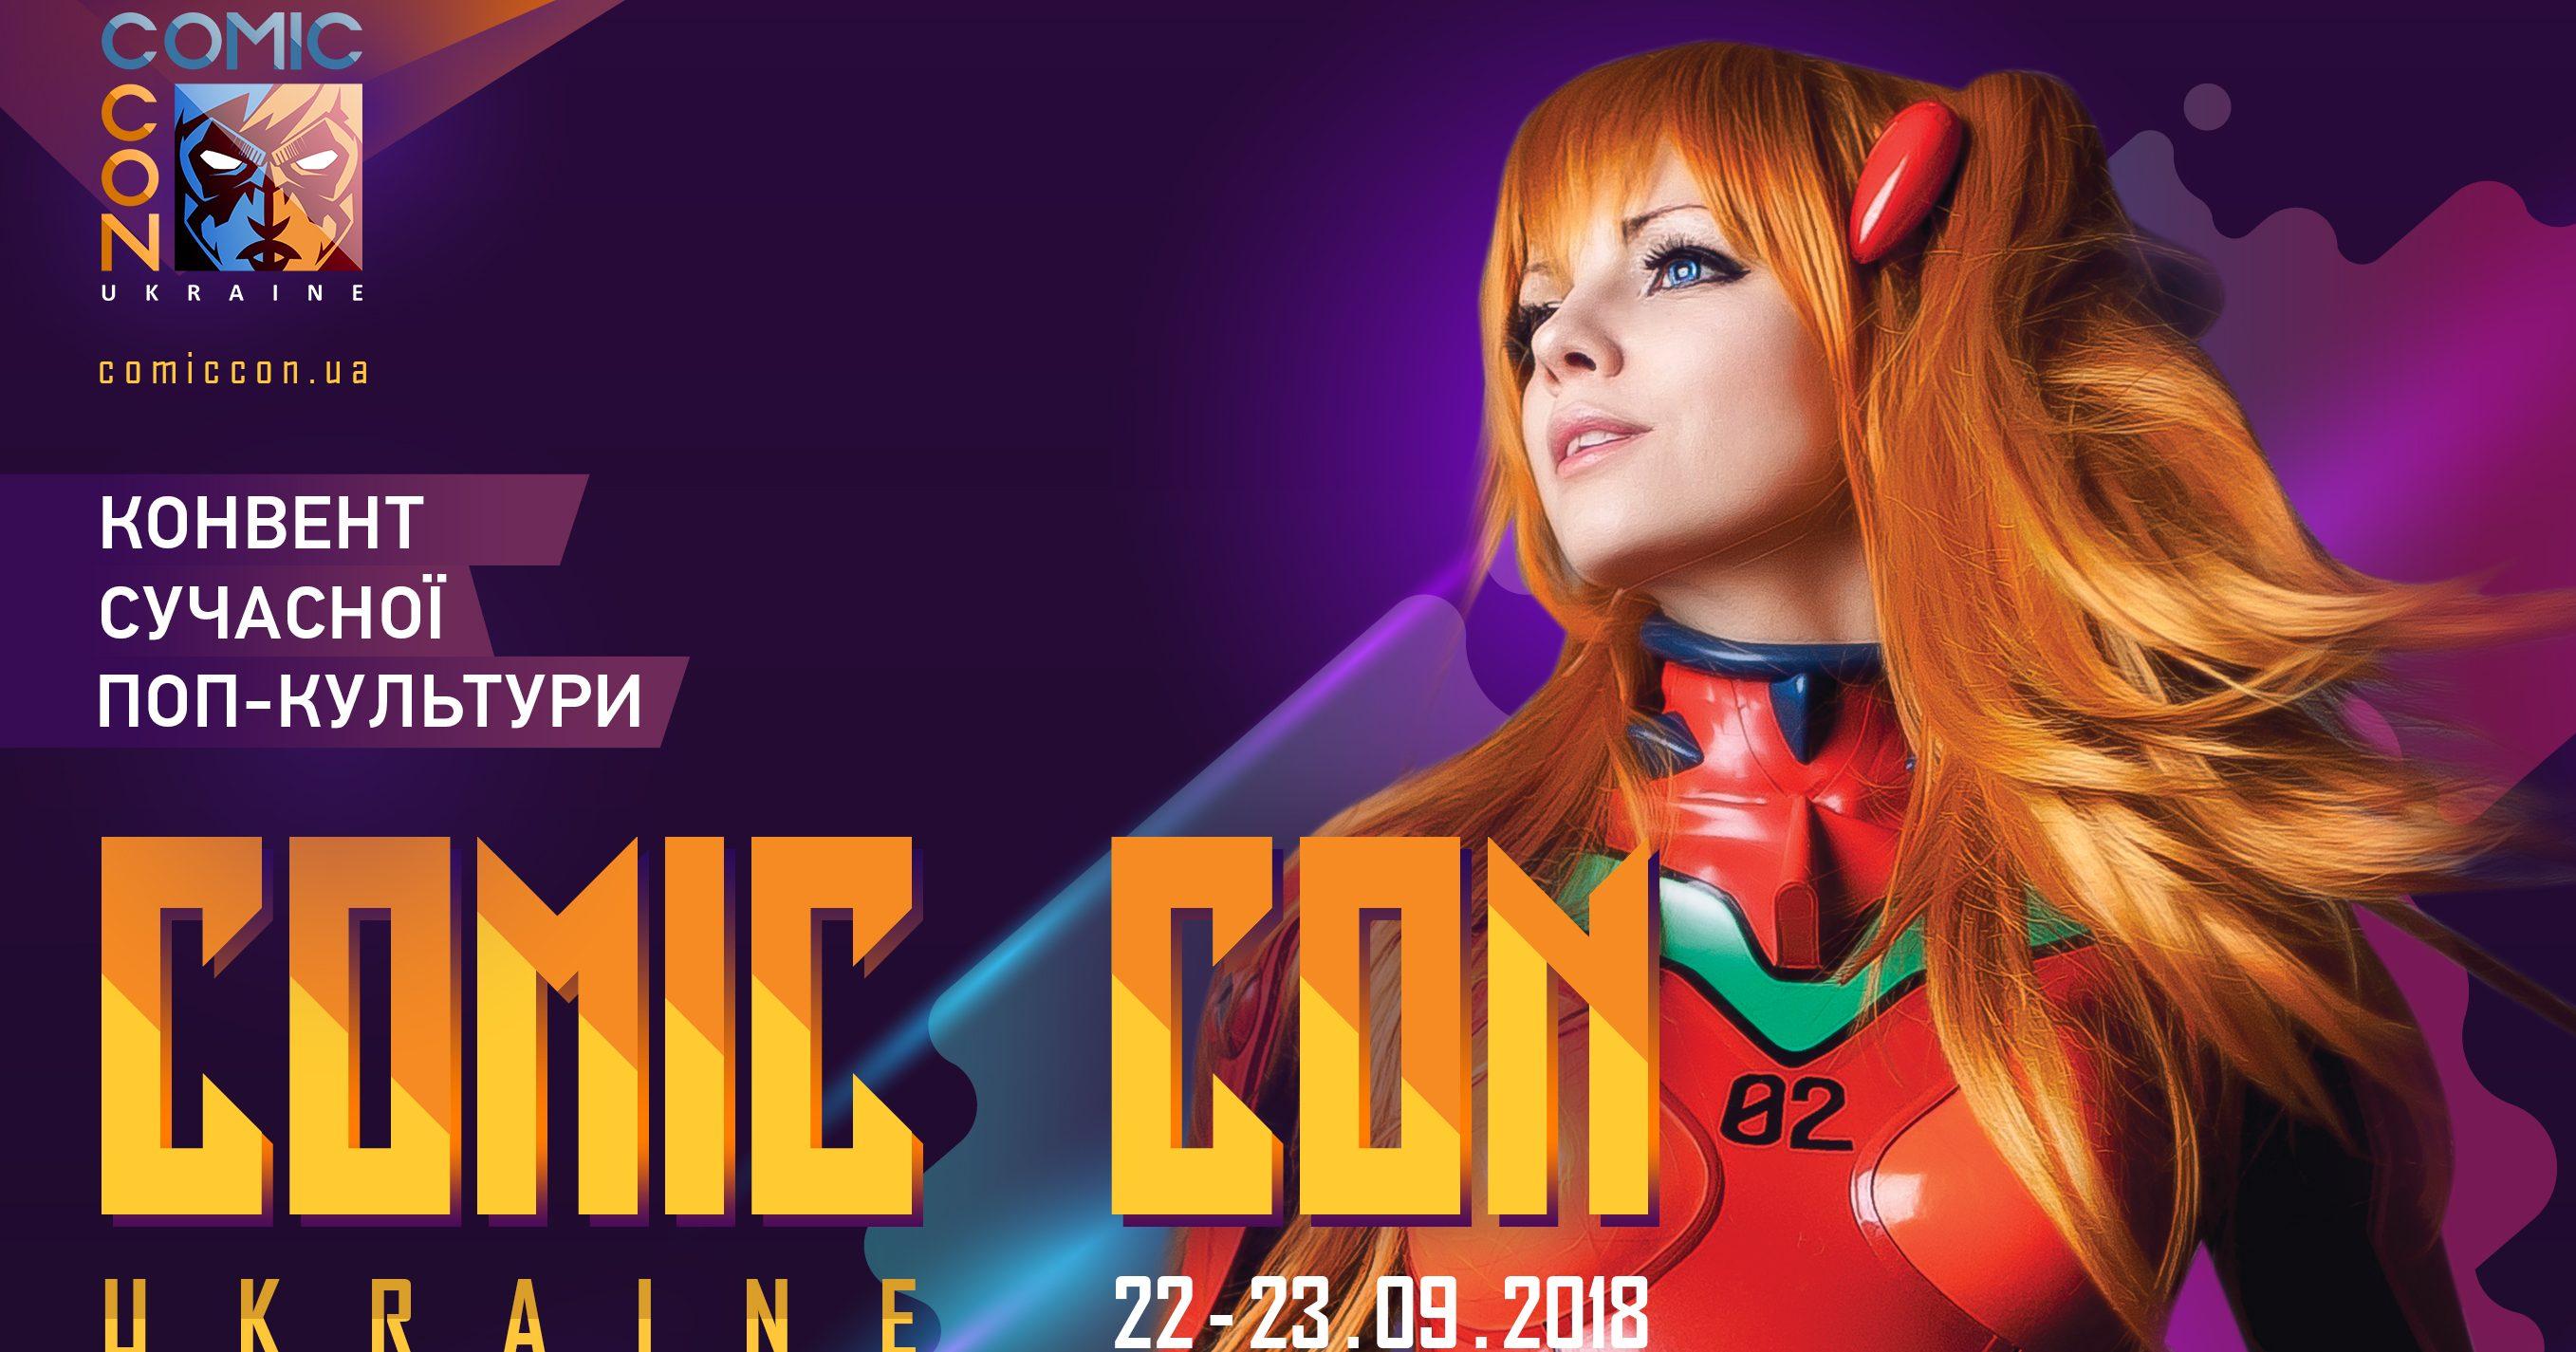 Фэндом: Звезды, комиксы и косплей: в Киеве пройдет Comic Con Ukraine